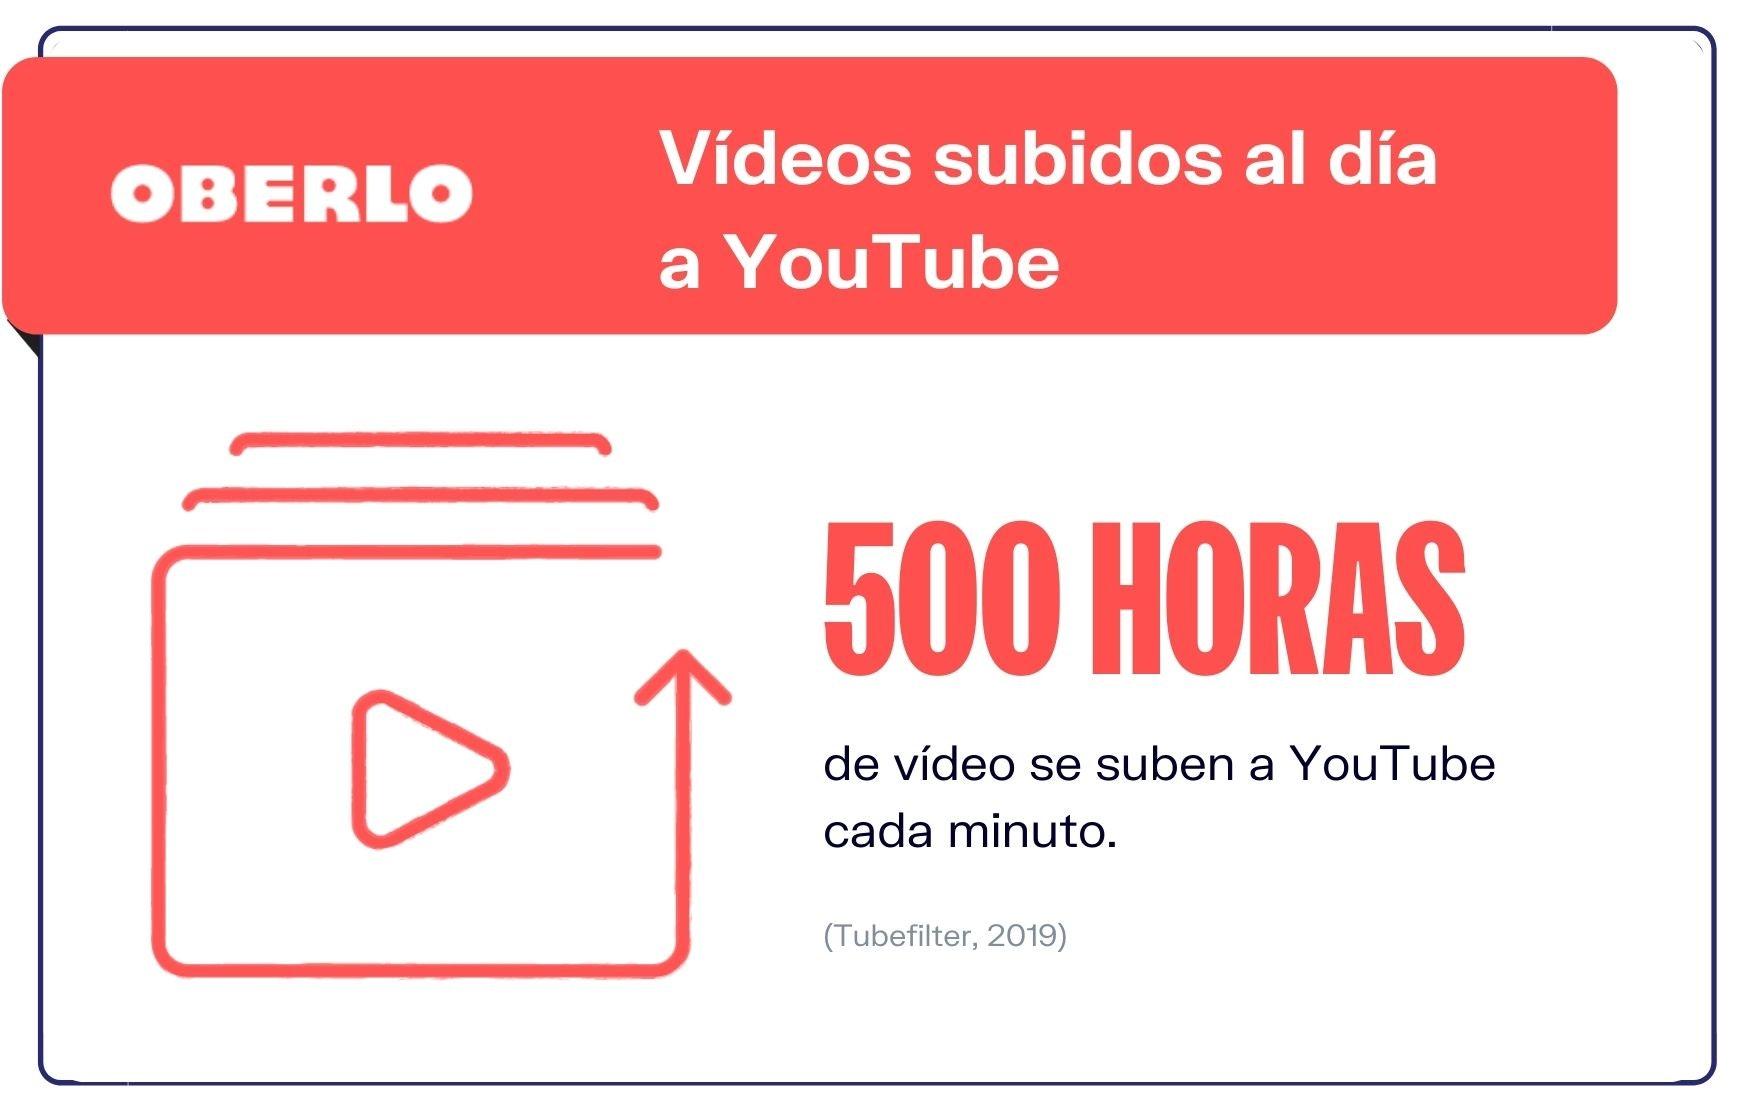 YouTube-Estadisticas-Videos-subidos-diariamente-a-youtube